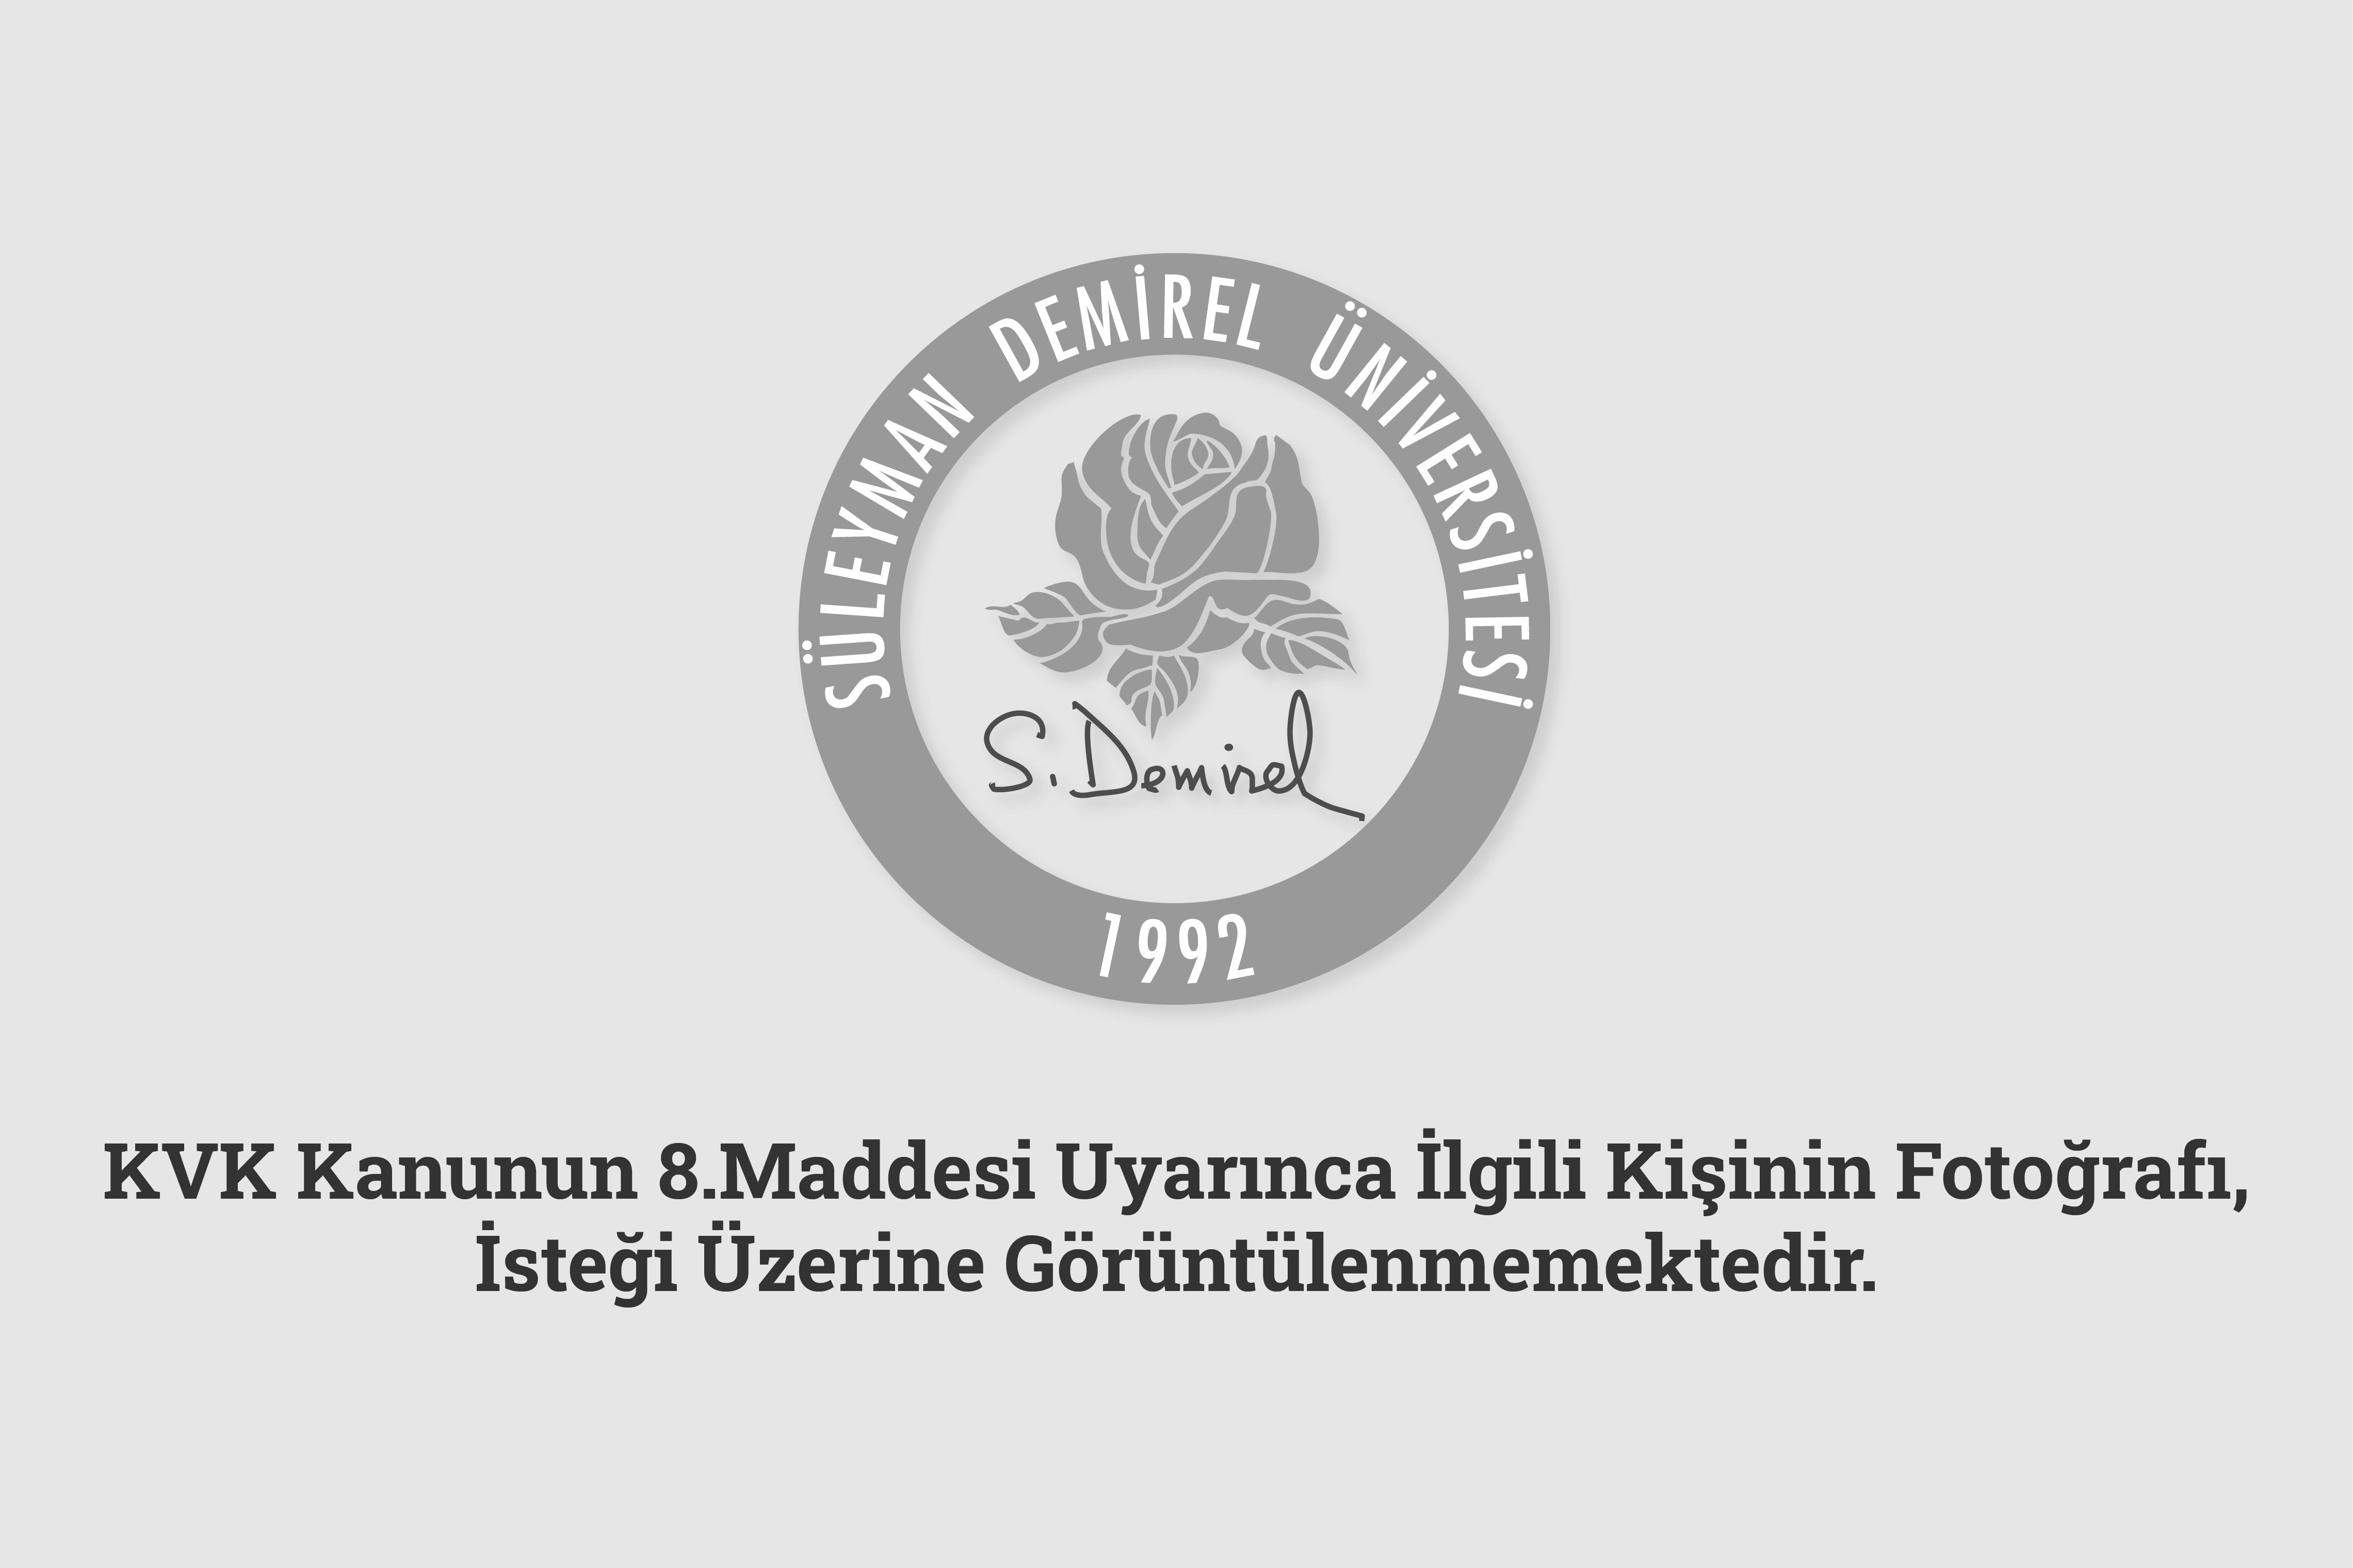 Mustafa DİŞİKIRIK